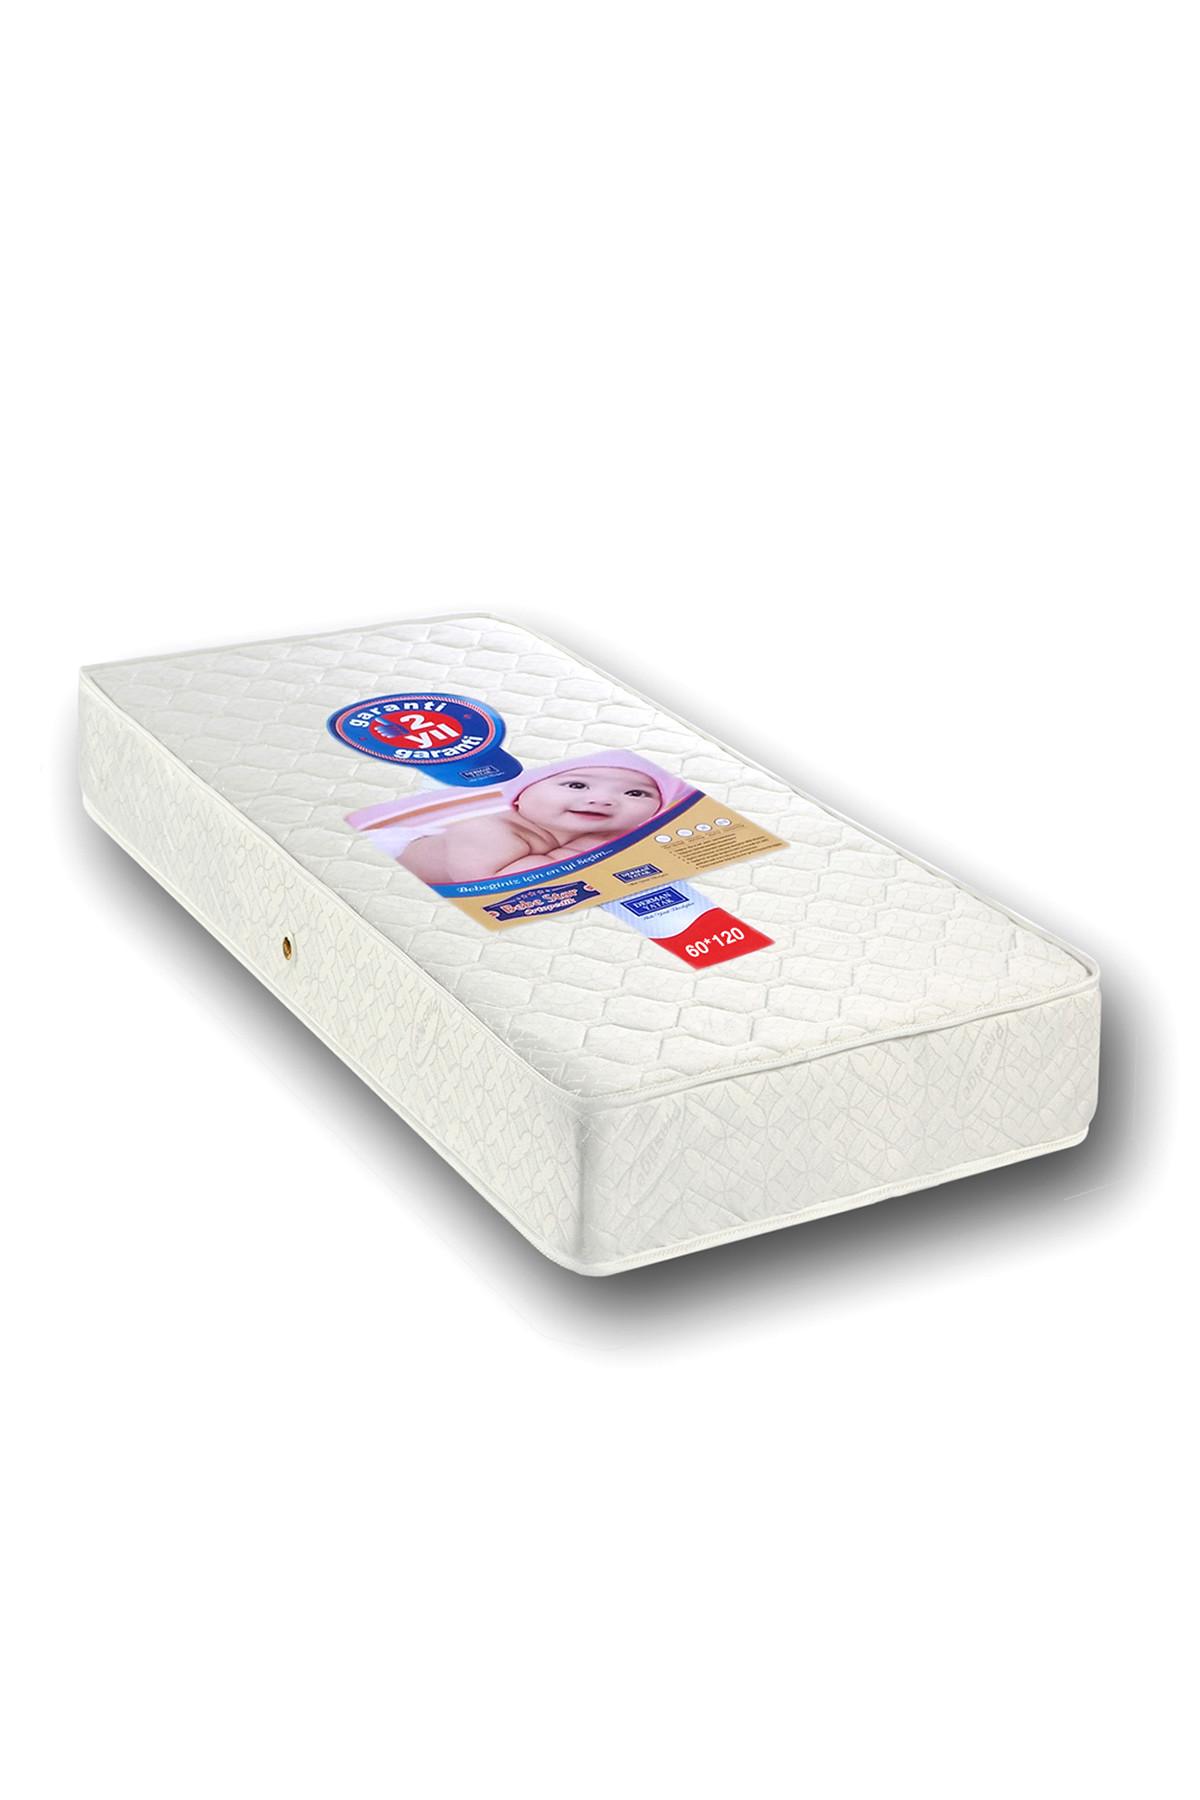 Derman Yatak Bebek Yatağı 60 x 120 cm Ortopedik Bebek Yatakları